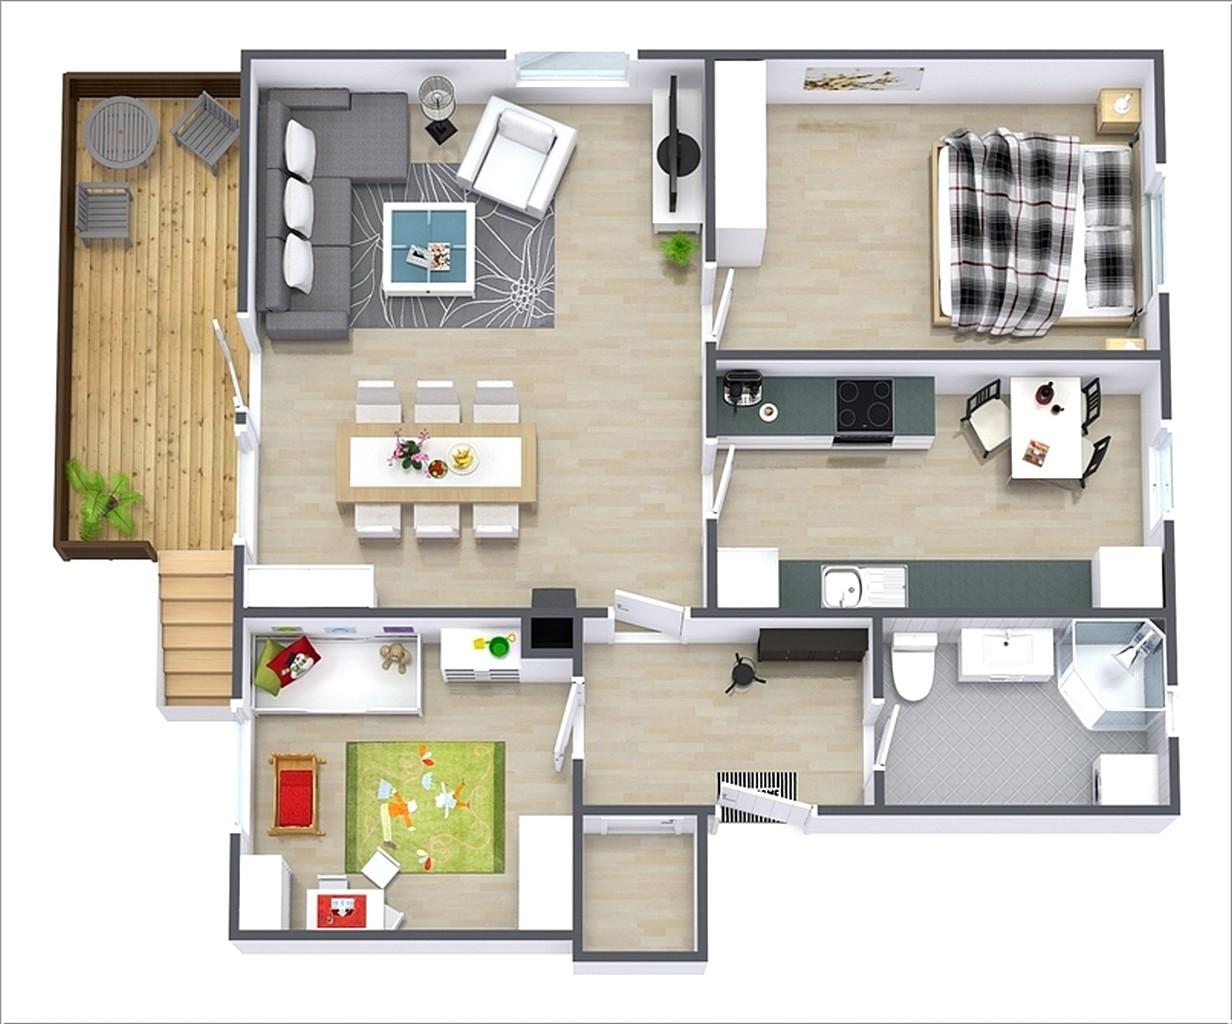 15 Denah Rumah Minimalis 2 Kamar Tidur 3D 2018 Terbaru Dekor Rumah